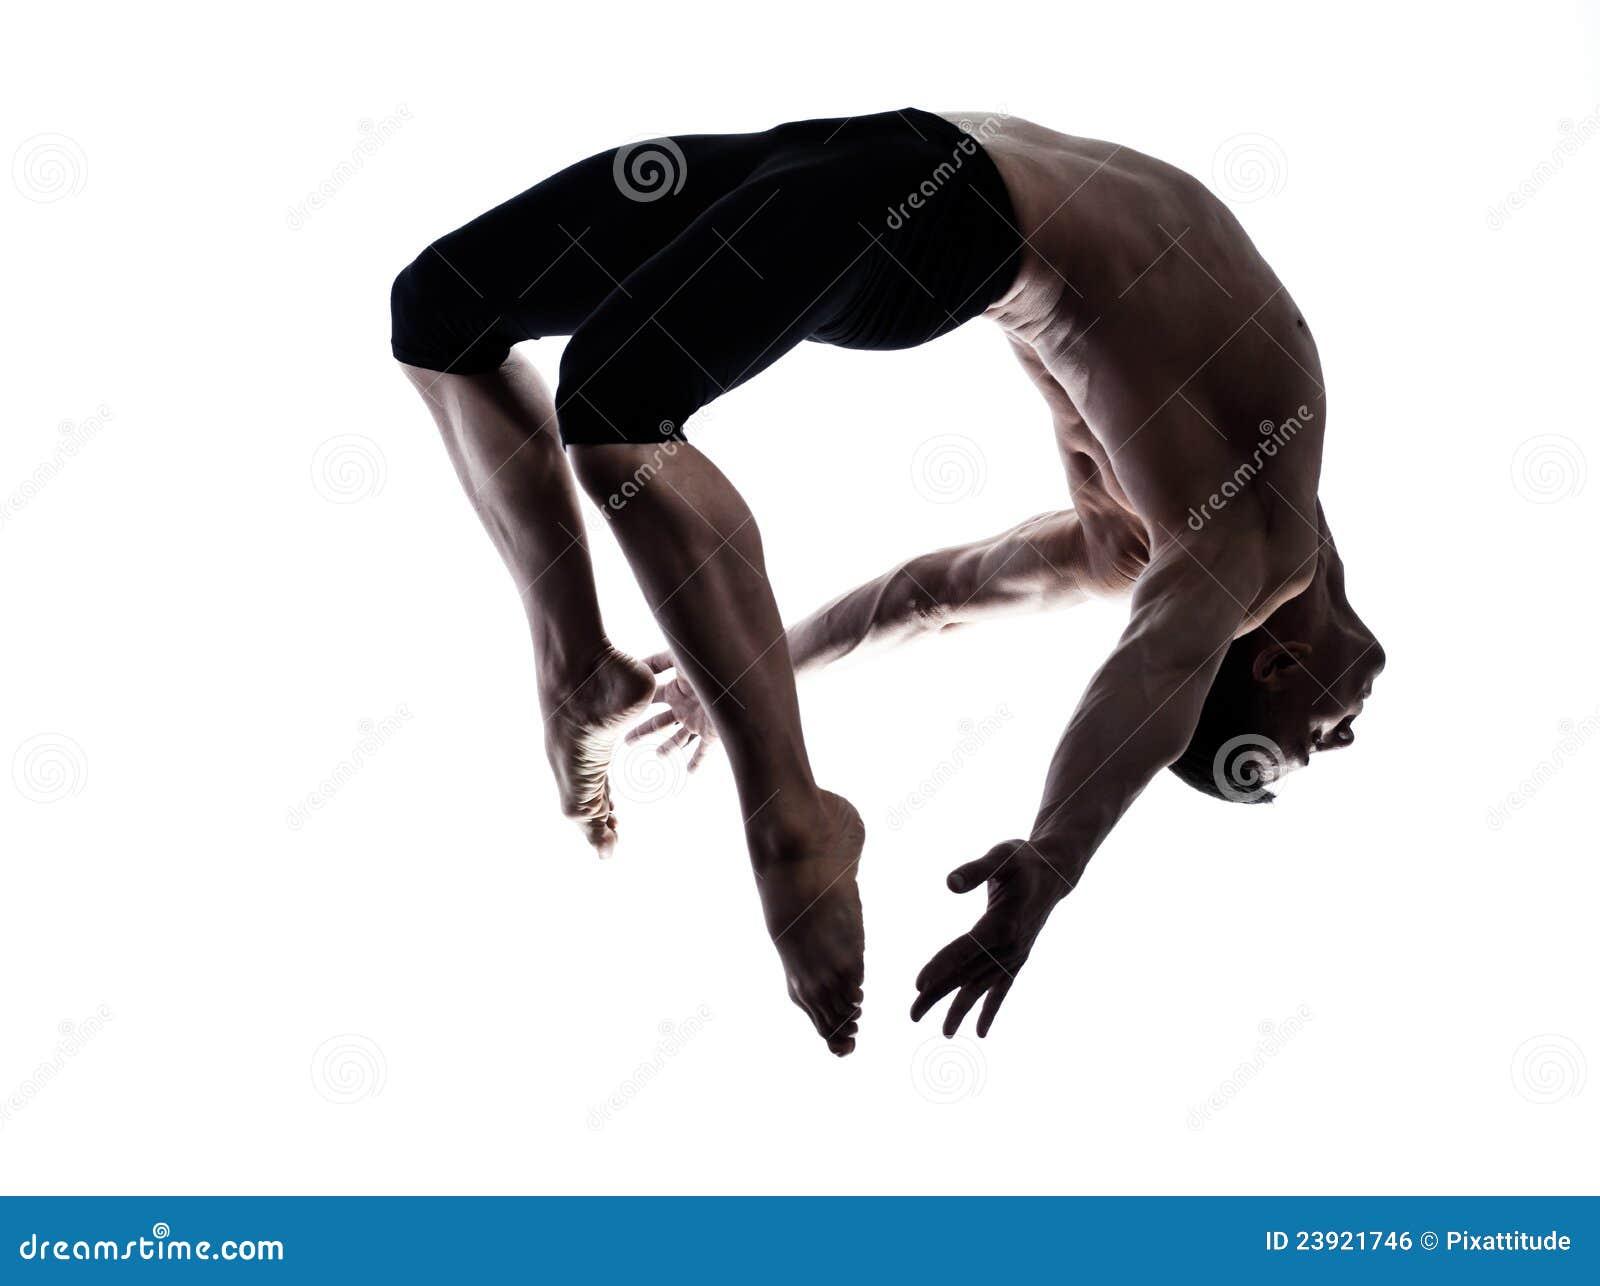 χορεύοντας γυμναστικό άτομο χορευτών μπαλέτου ακροβατών σύγχρονο